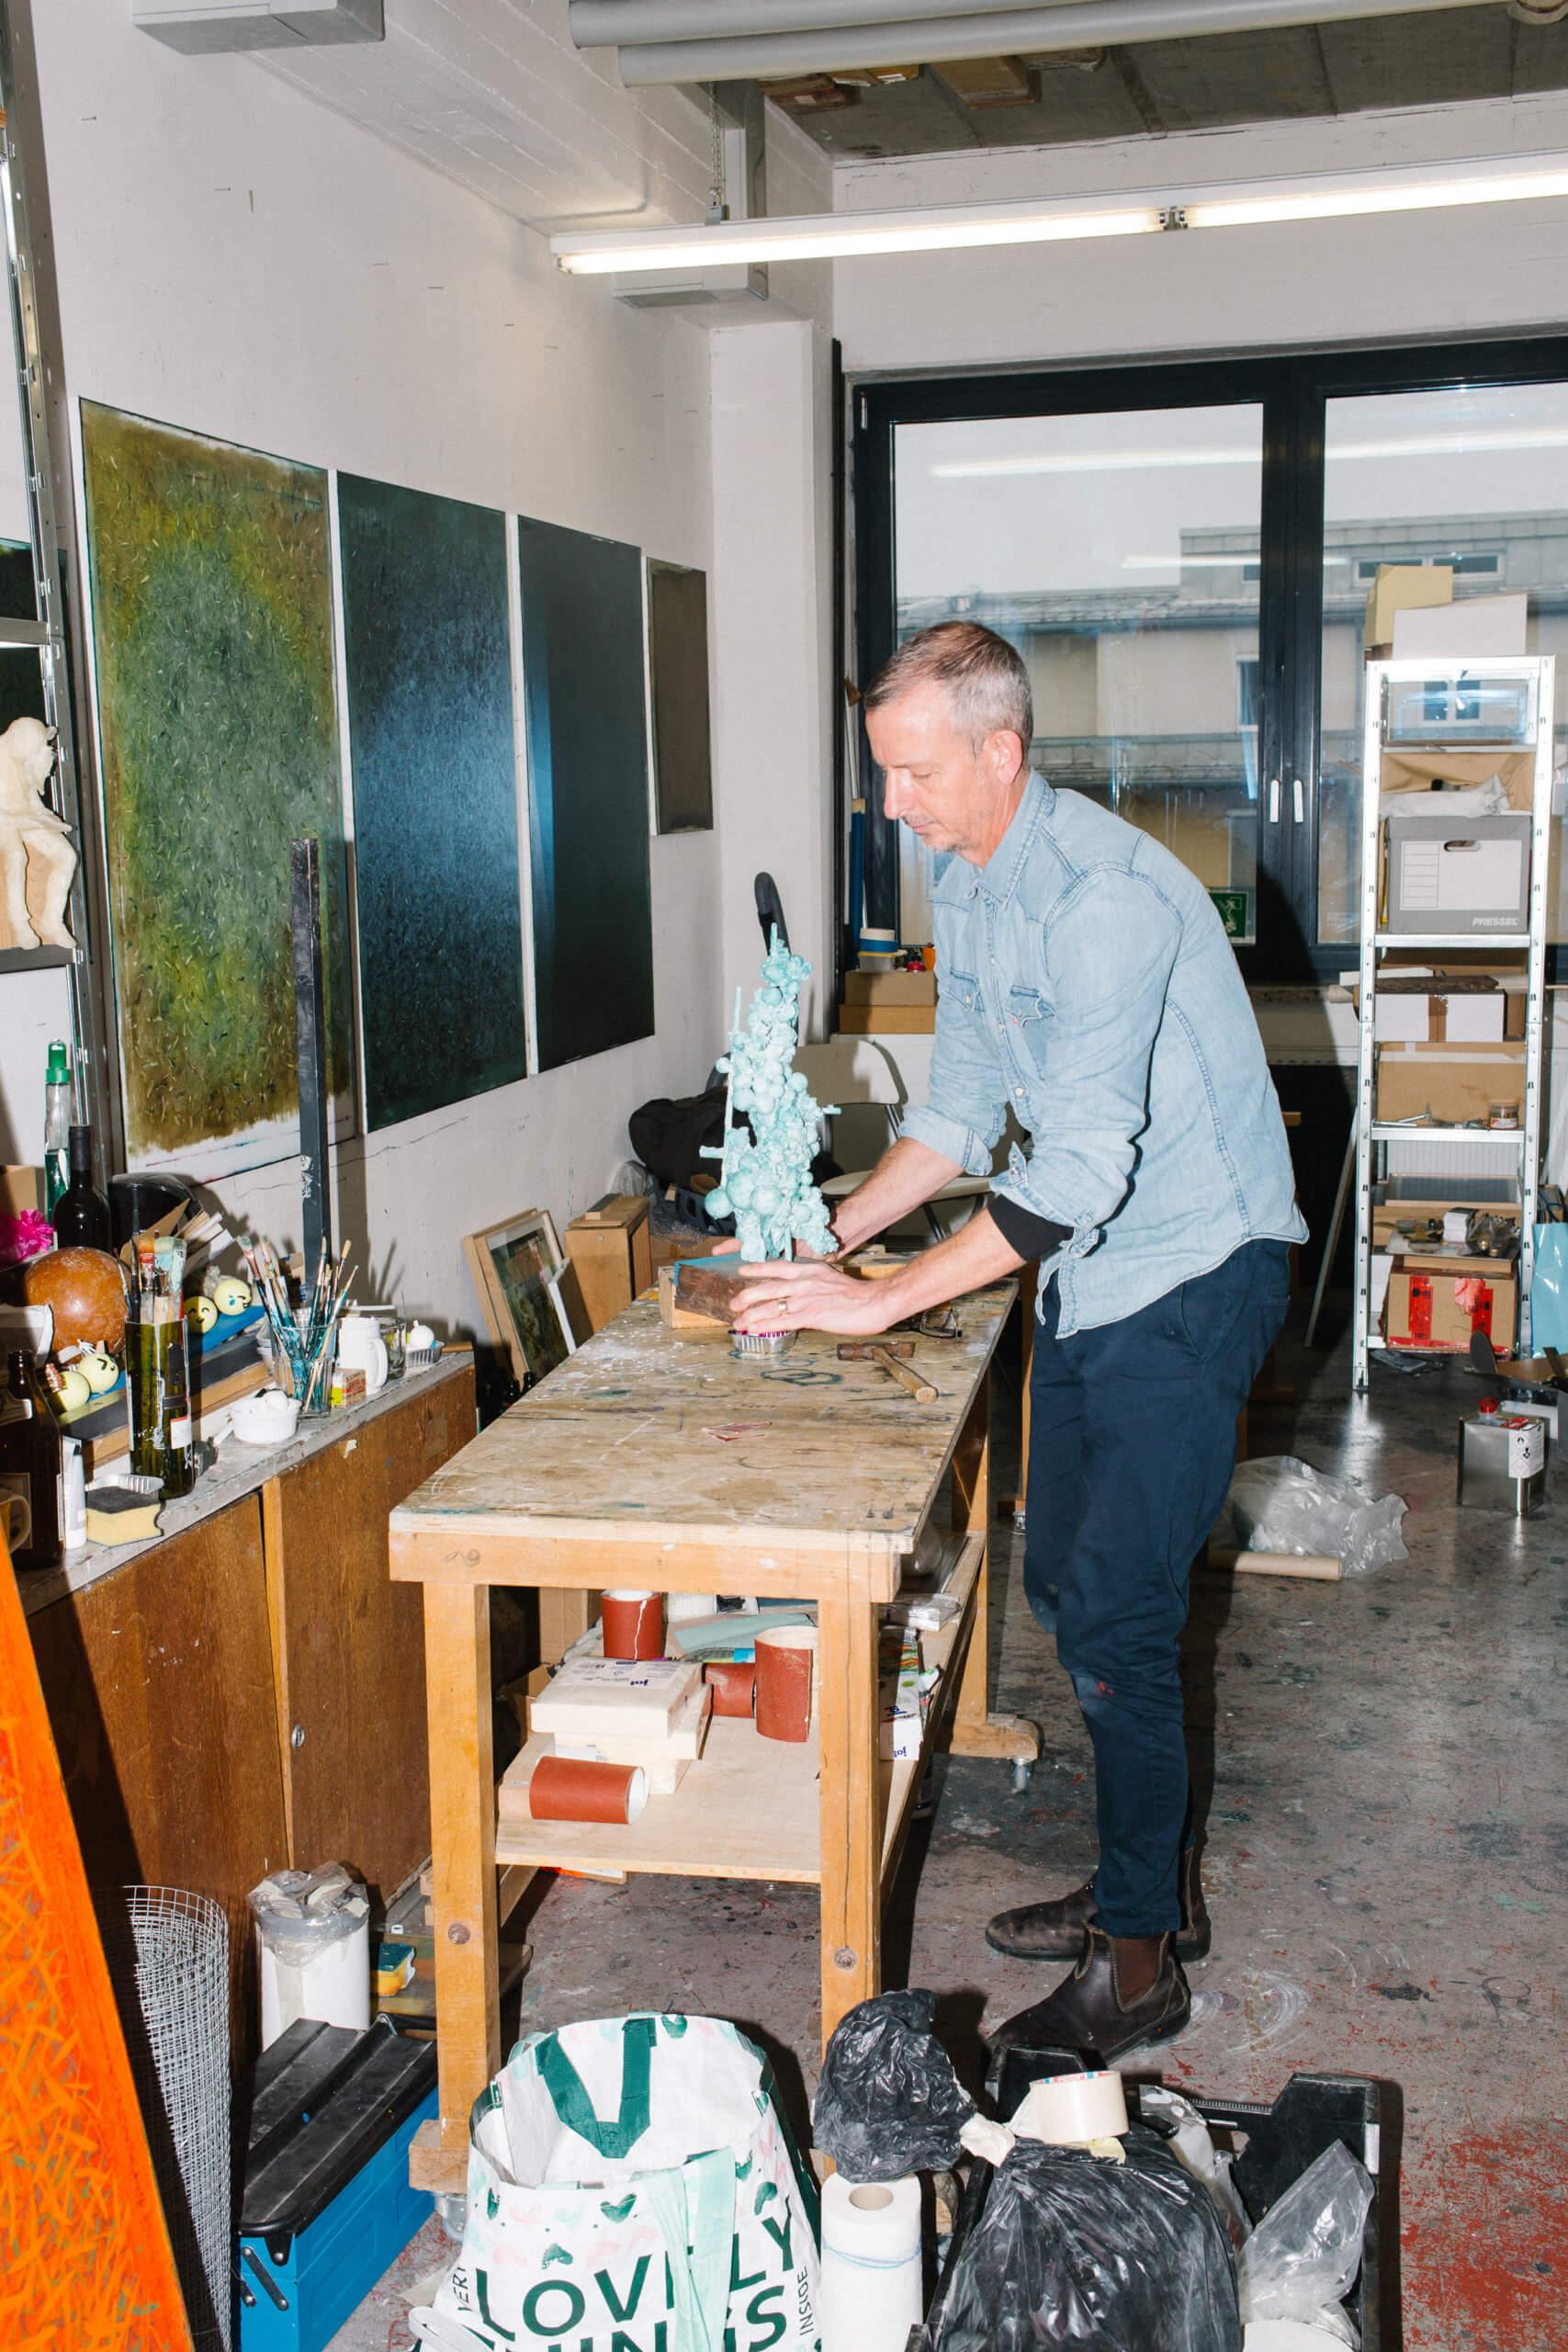 Der Künstler Duncan Swann steht in seinem Atelier vor einem Tisch und bearbeitet eine Skulptur